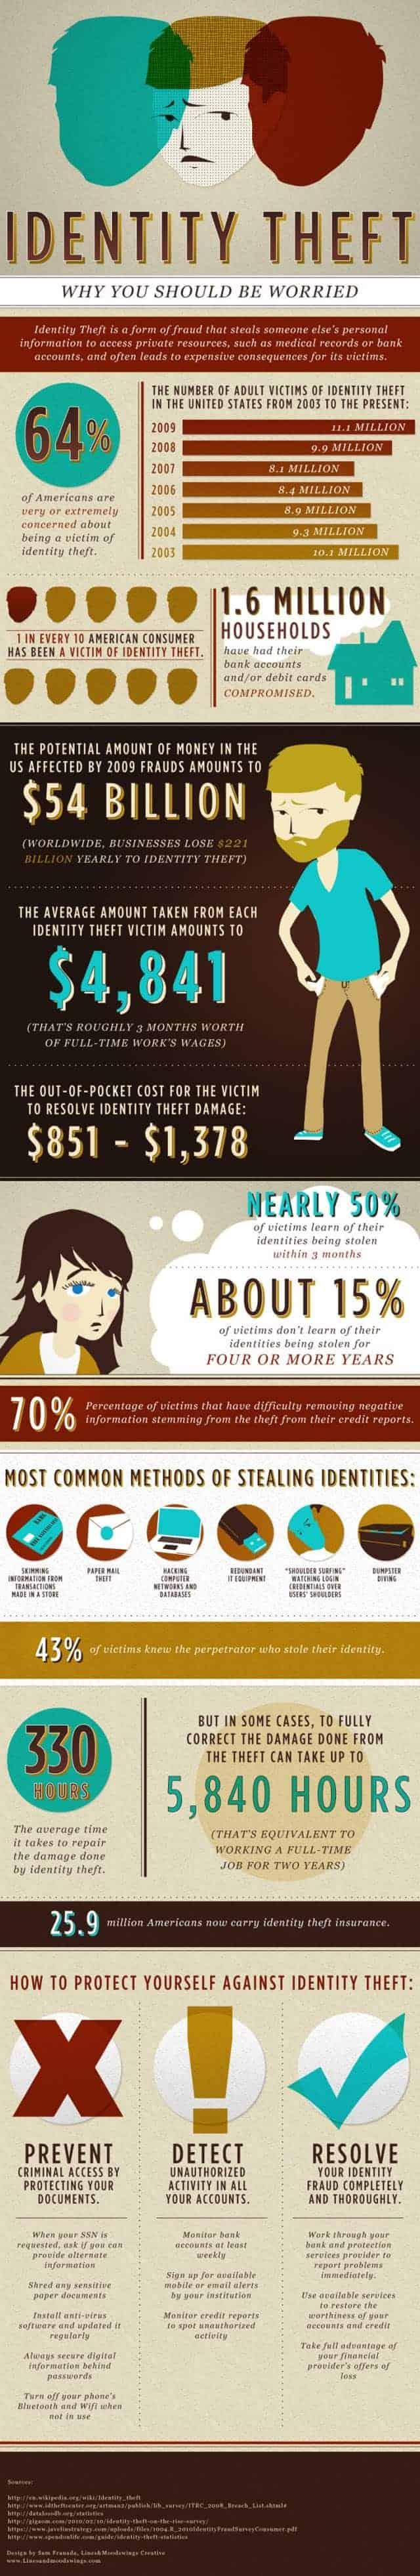 Identity Theft [infographic]